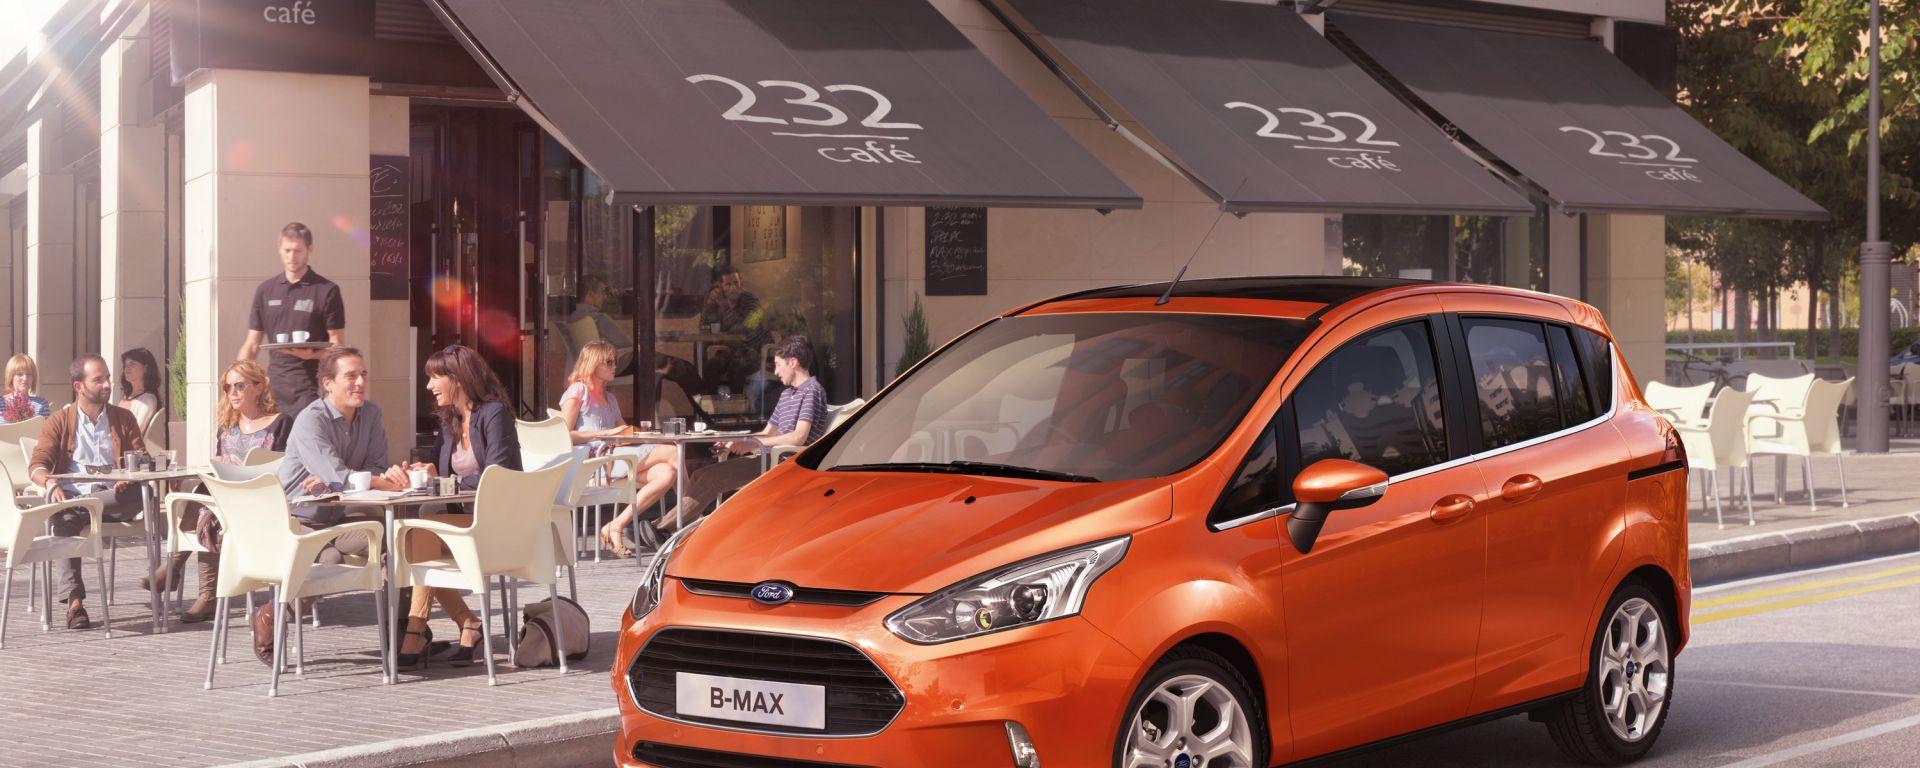 Ford B-Max: apre le porte in un video